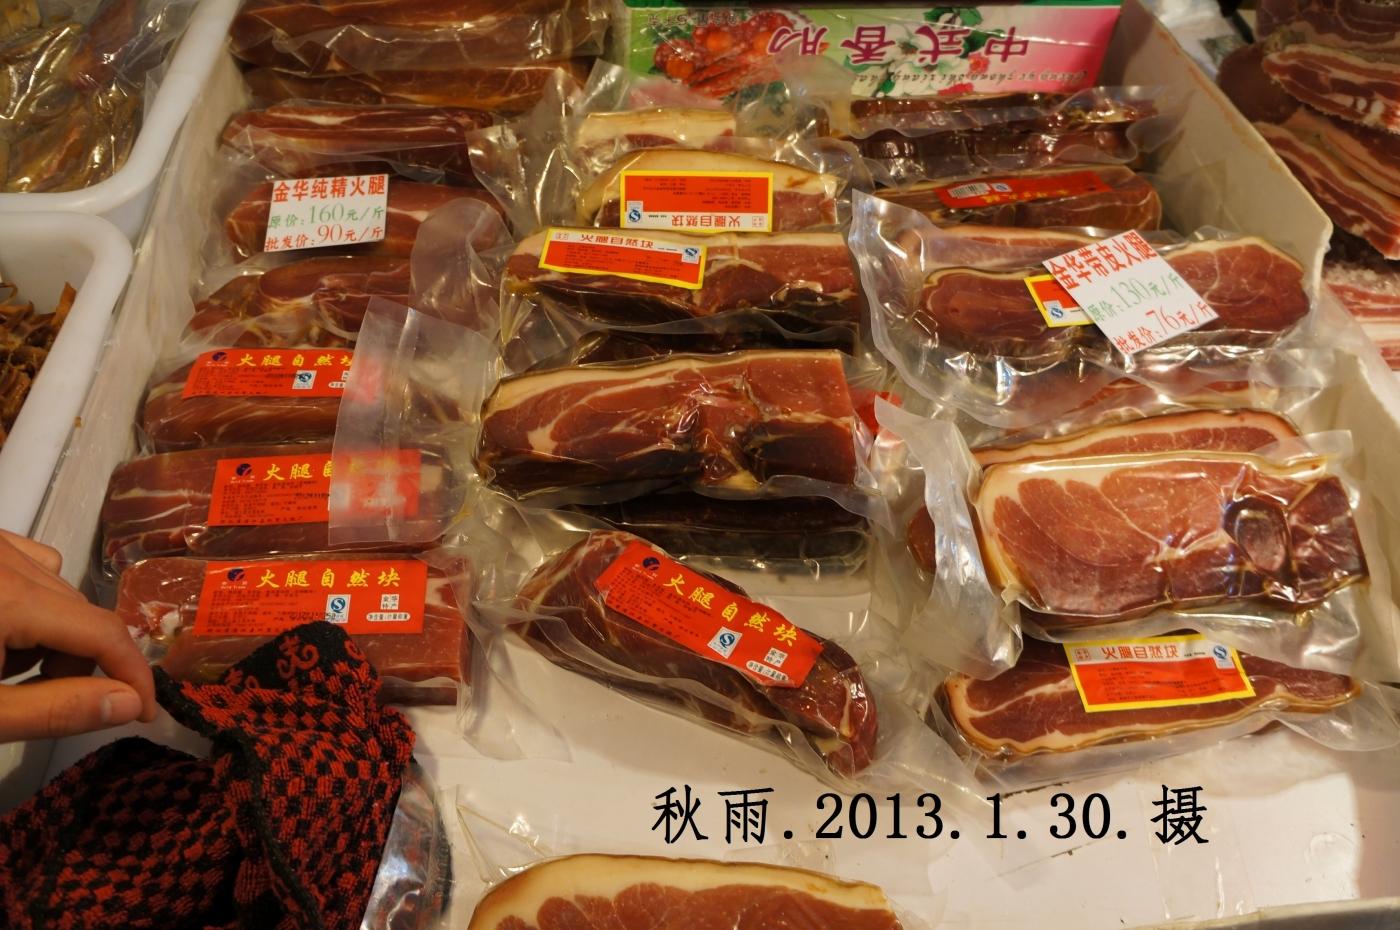 迎新春年货展销会(摄影原创)_图1-15